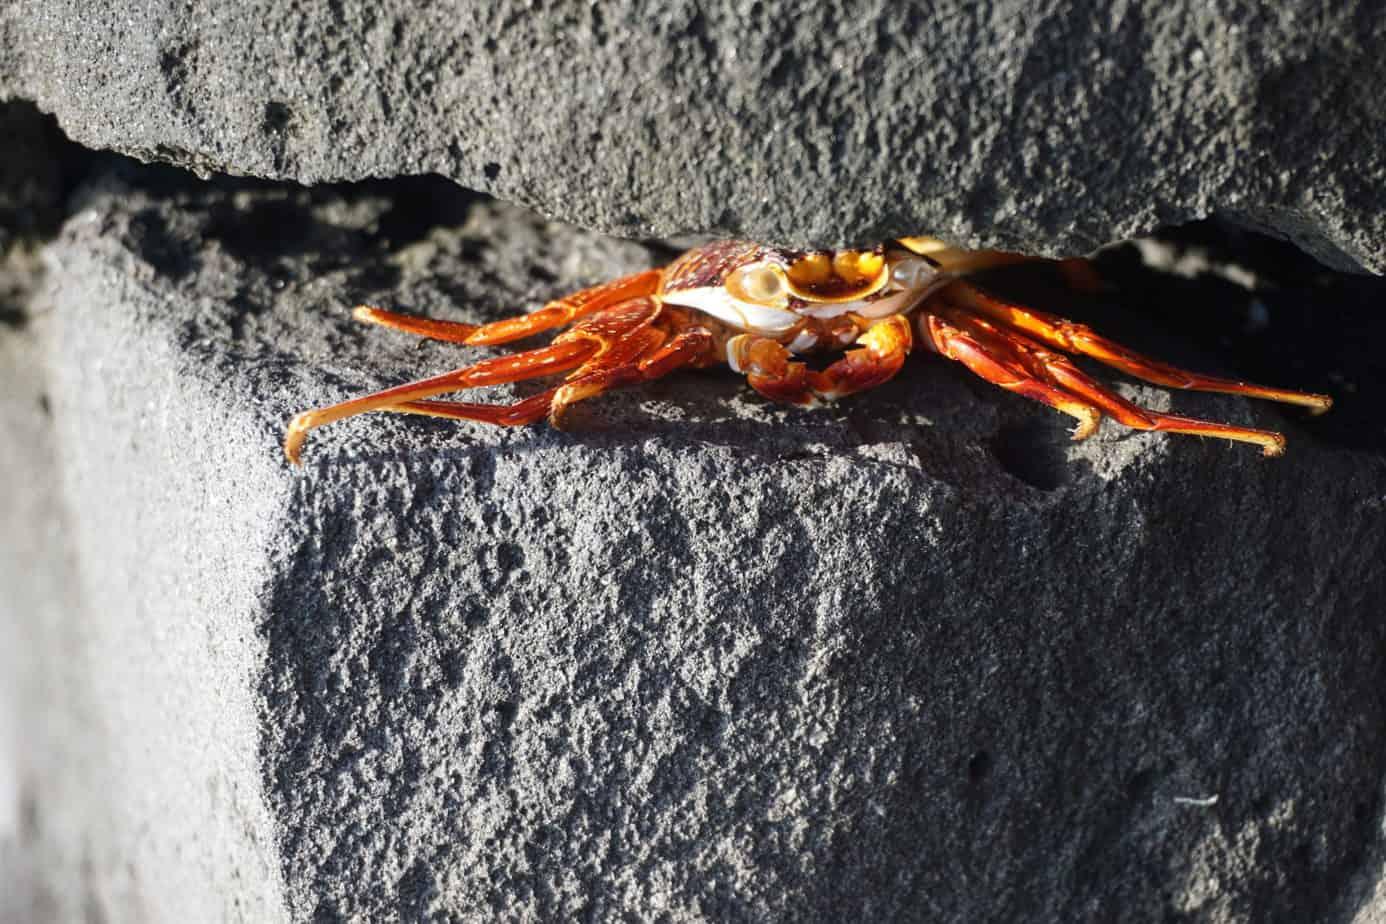 Rote Krabben gibt es zuhauf am Strand.